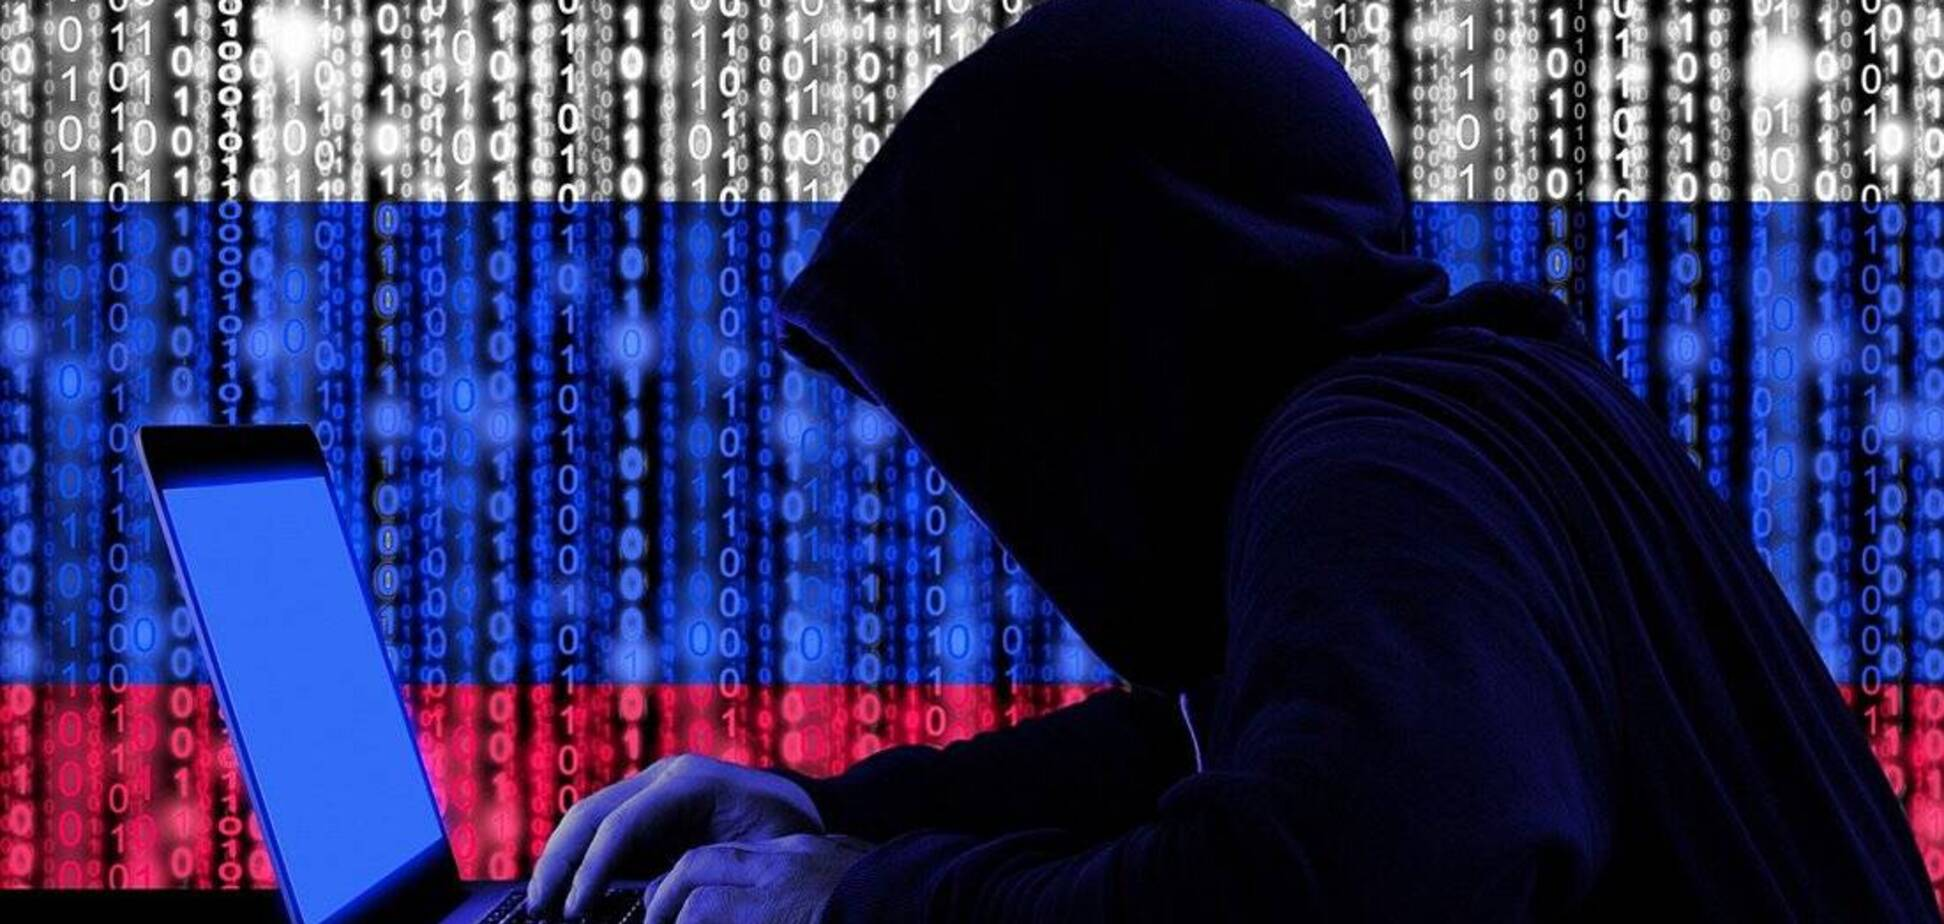 В США предъявили обвинения российским хакерам